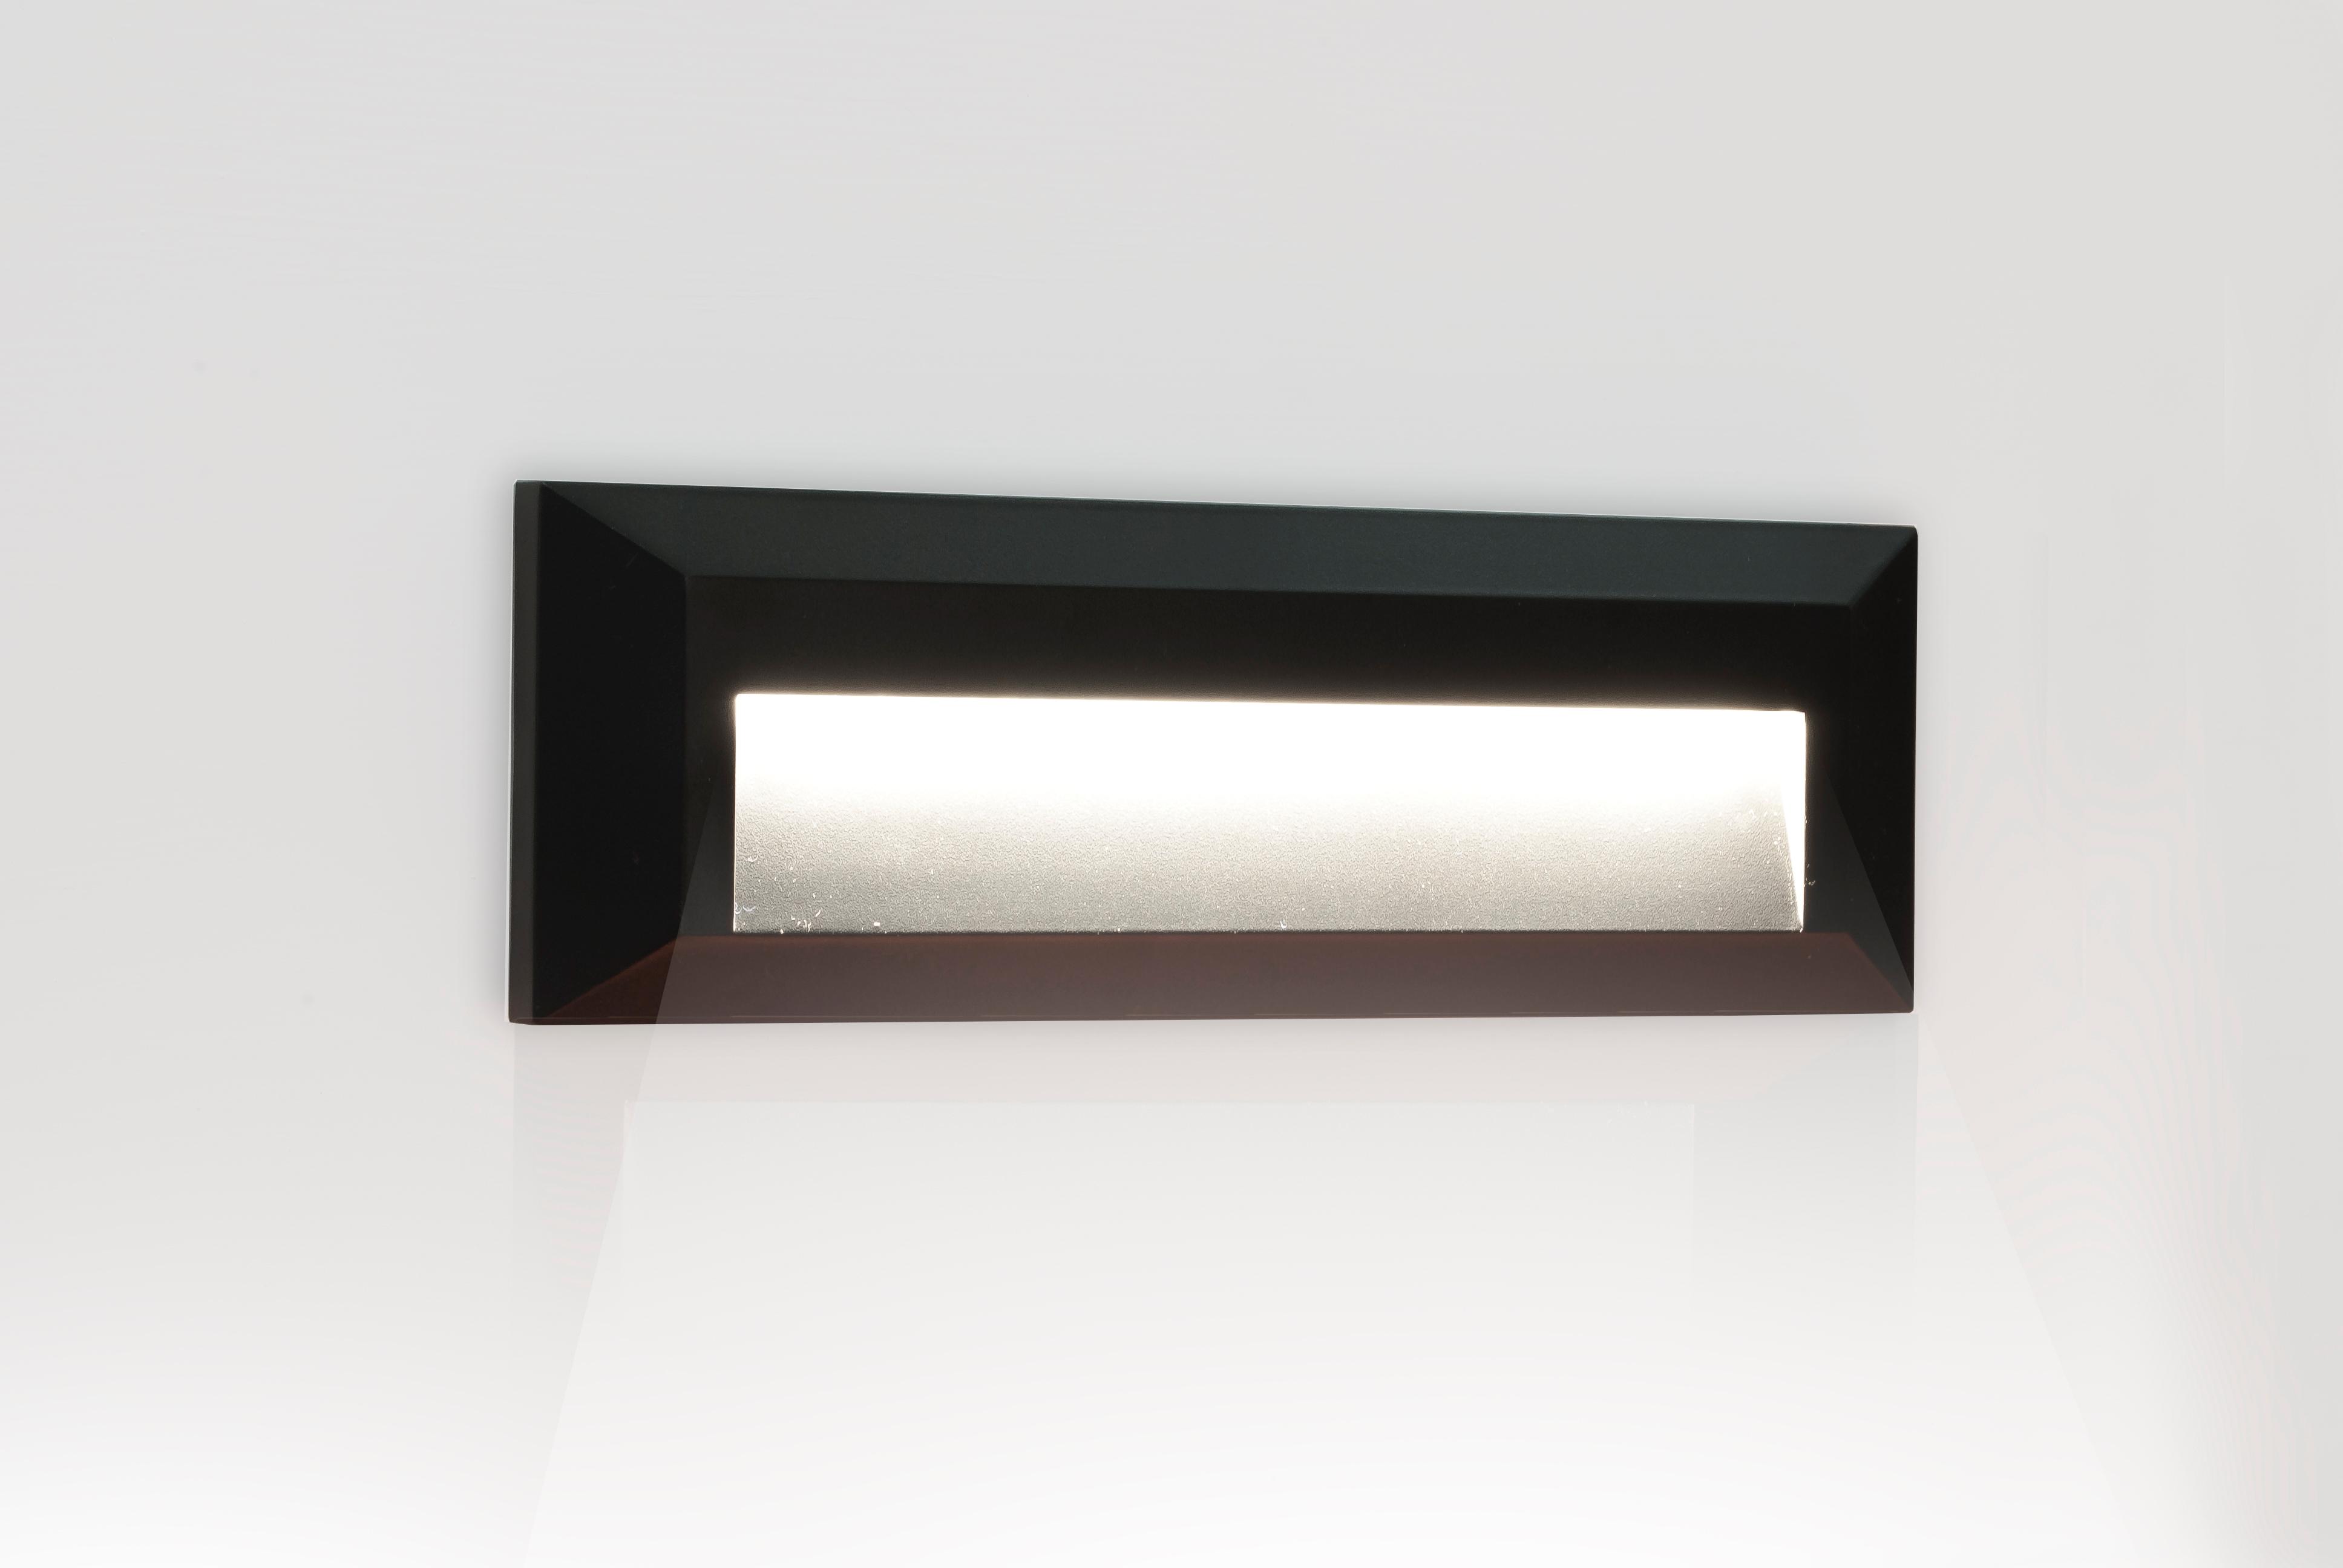 Illuminazione esterno incasso luci per esterno ad incasso faretti